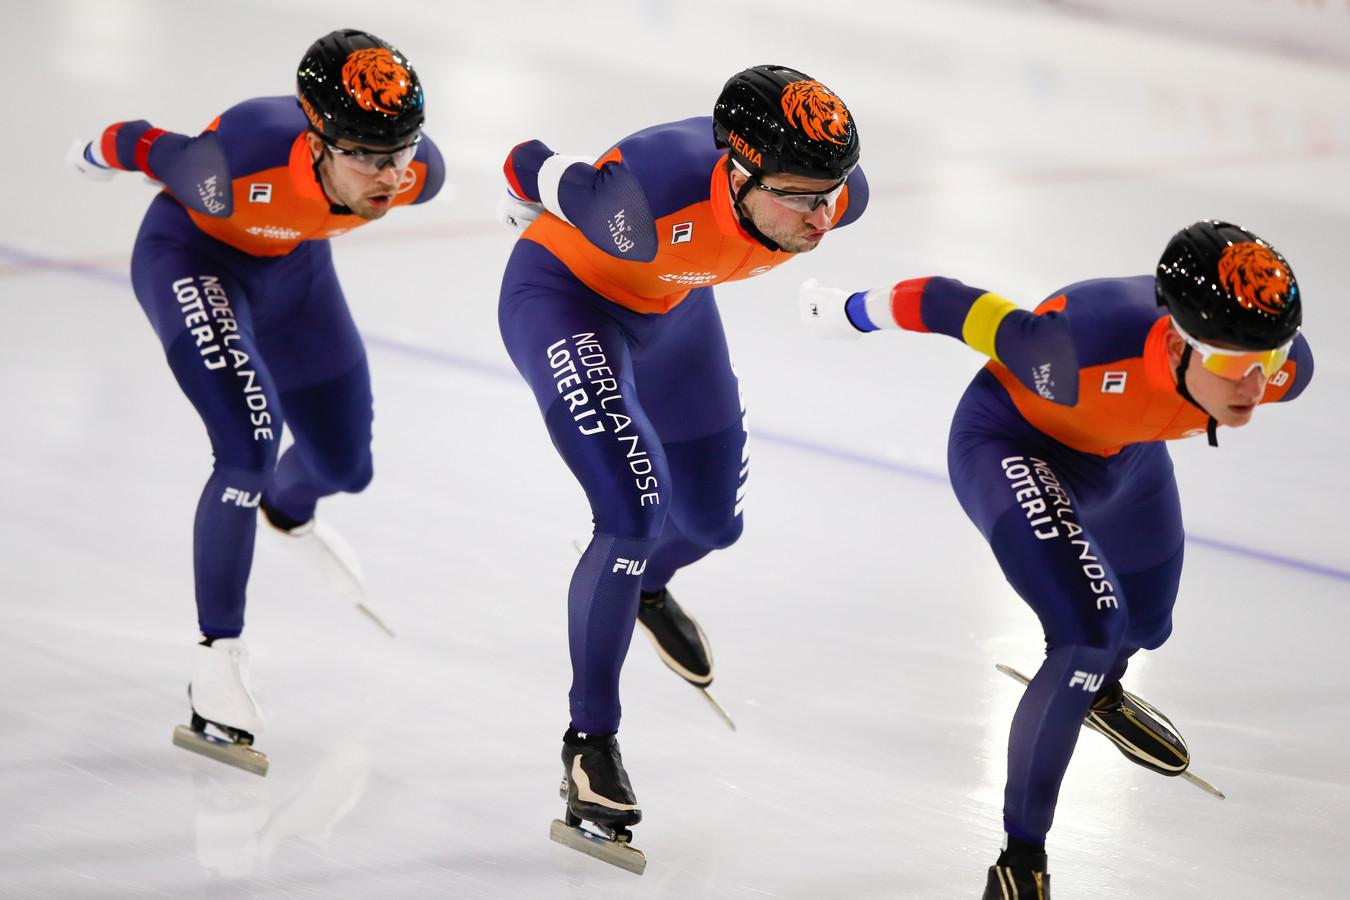 Vlnr: Chris Huizinga, Sven Kramer en Beau Snellink.